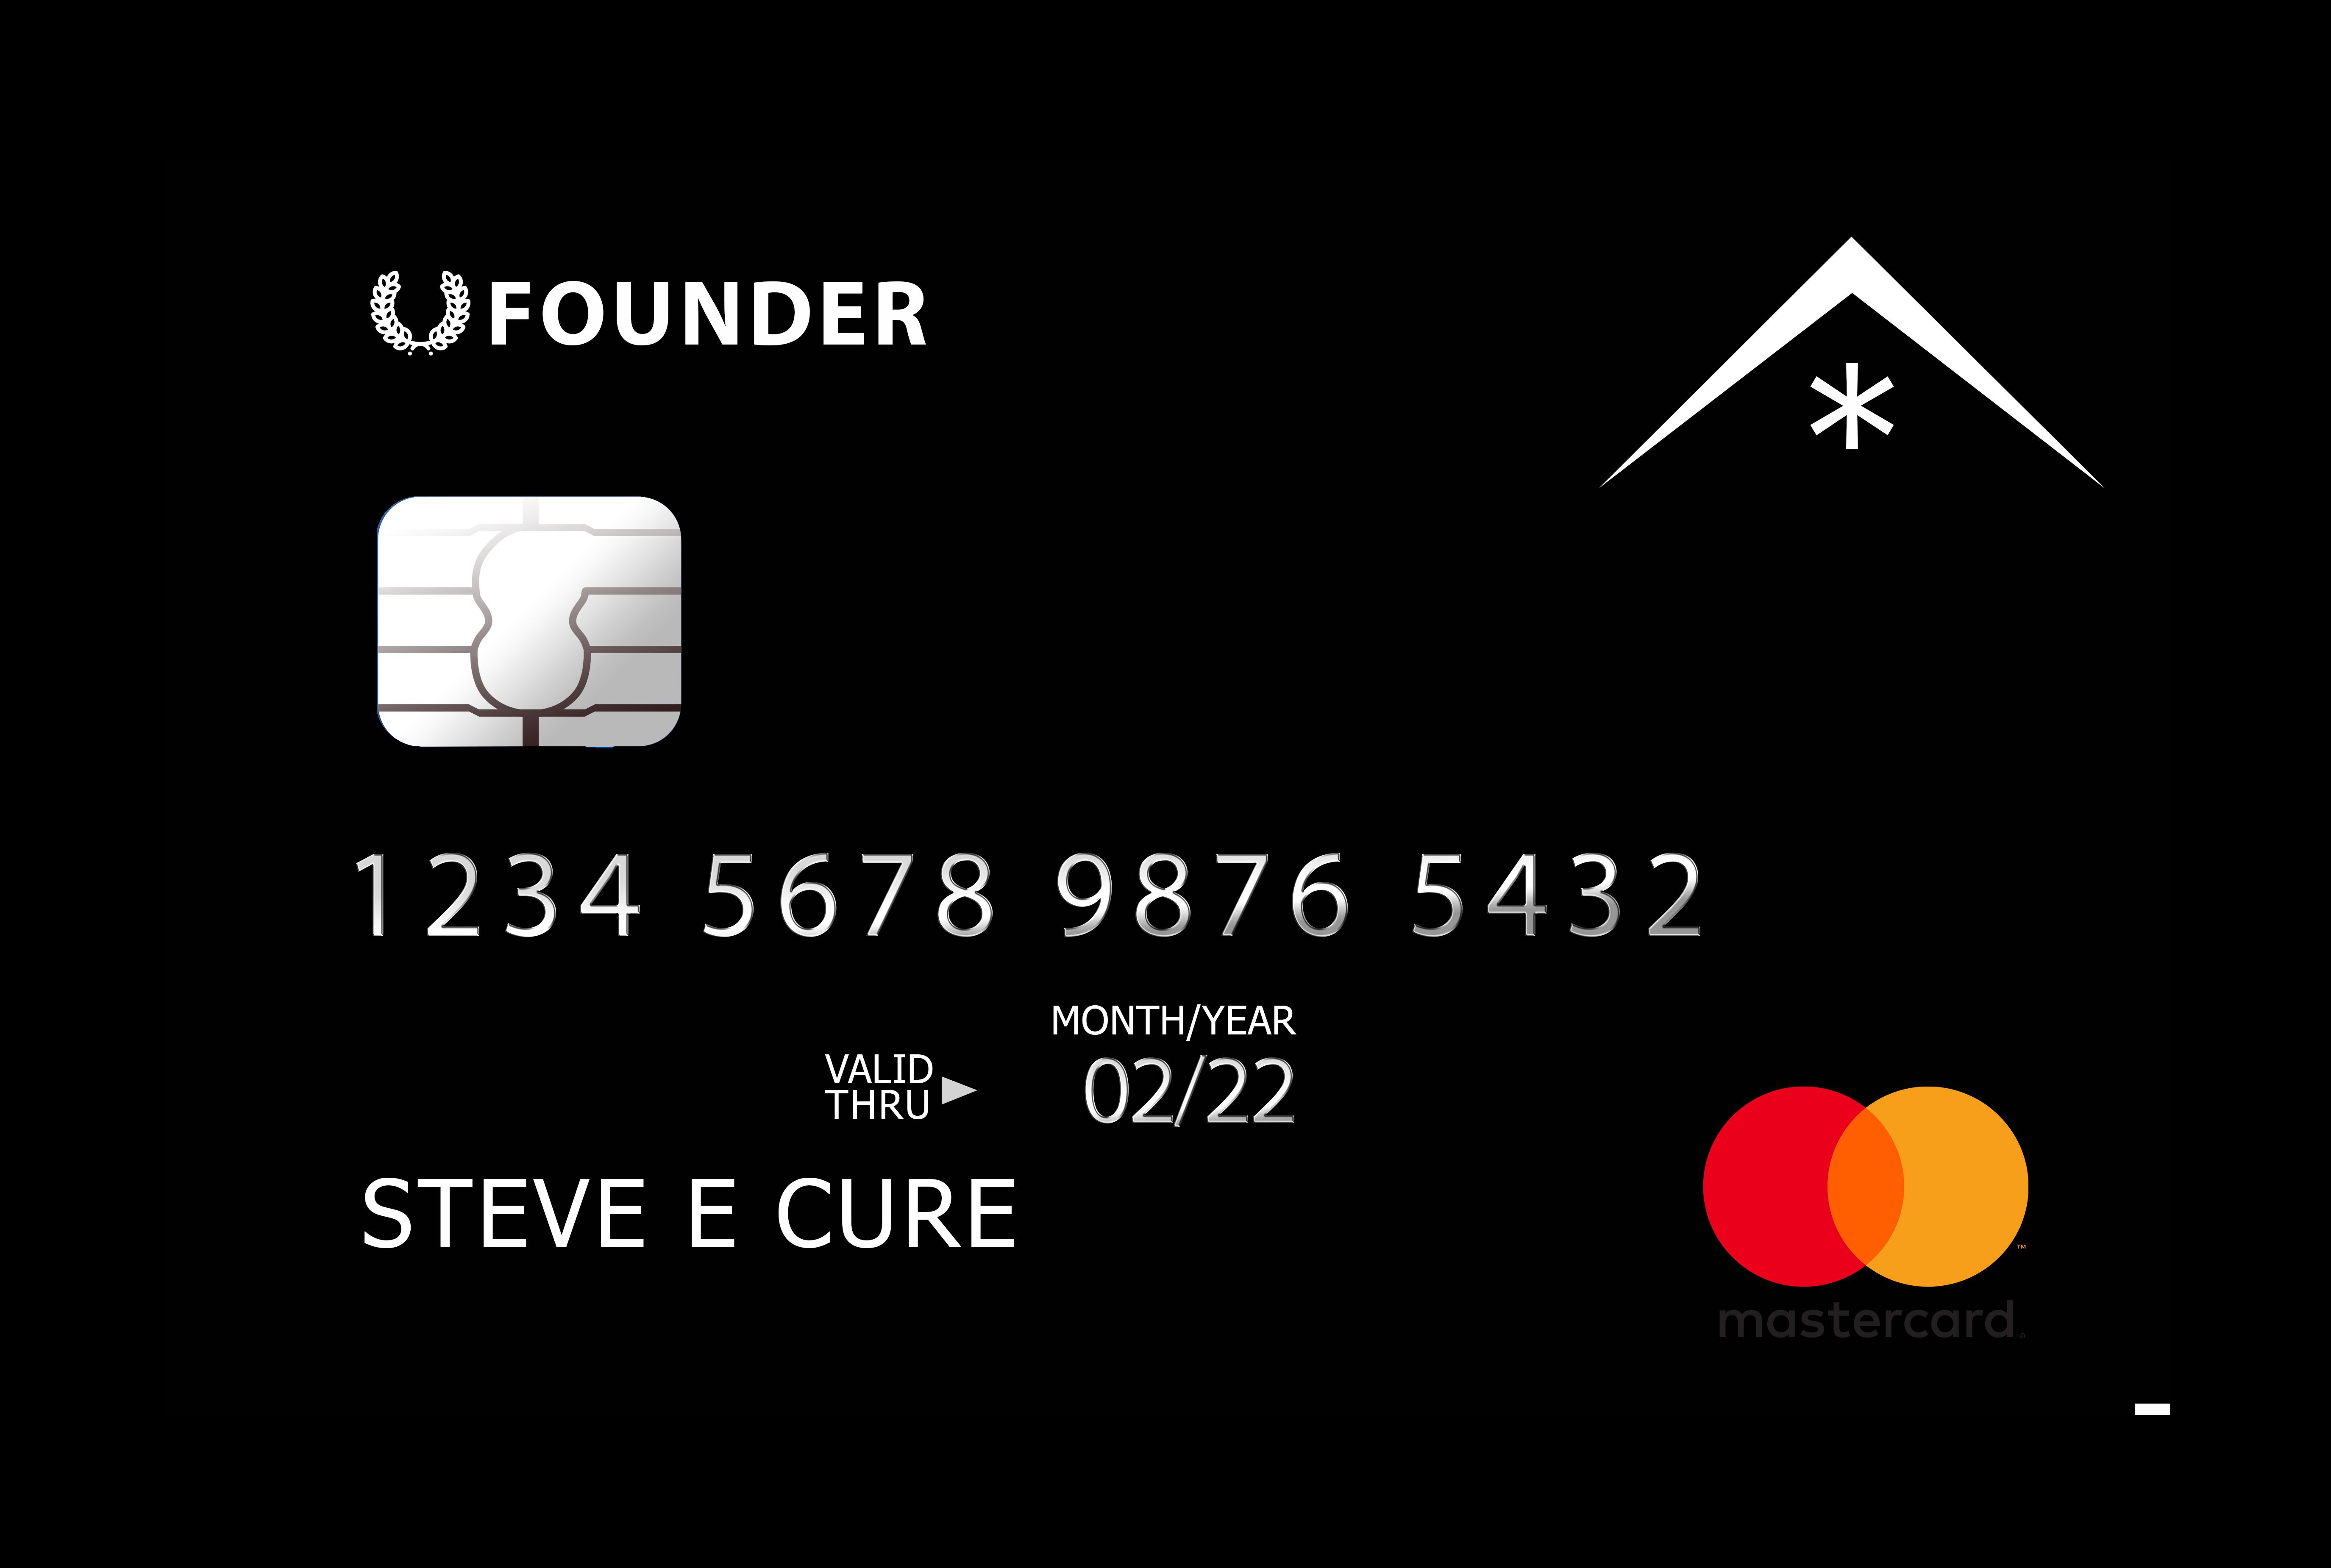 Premium + Founder Status